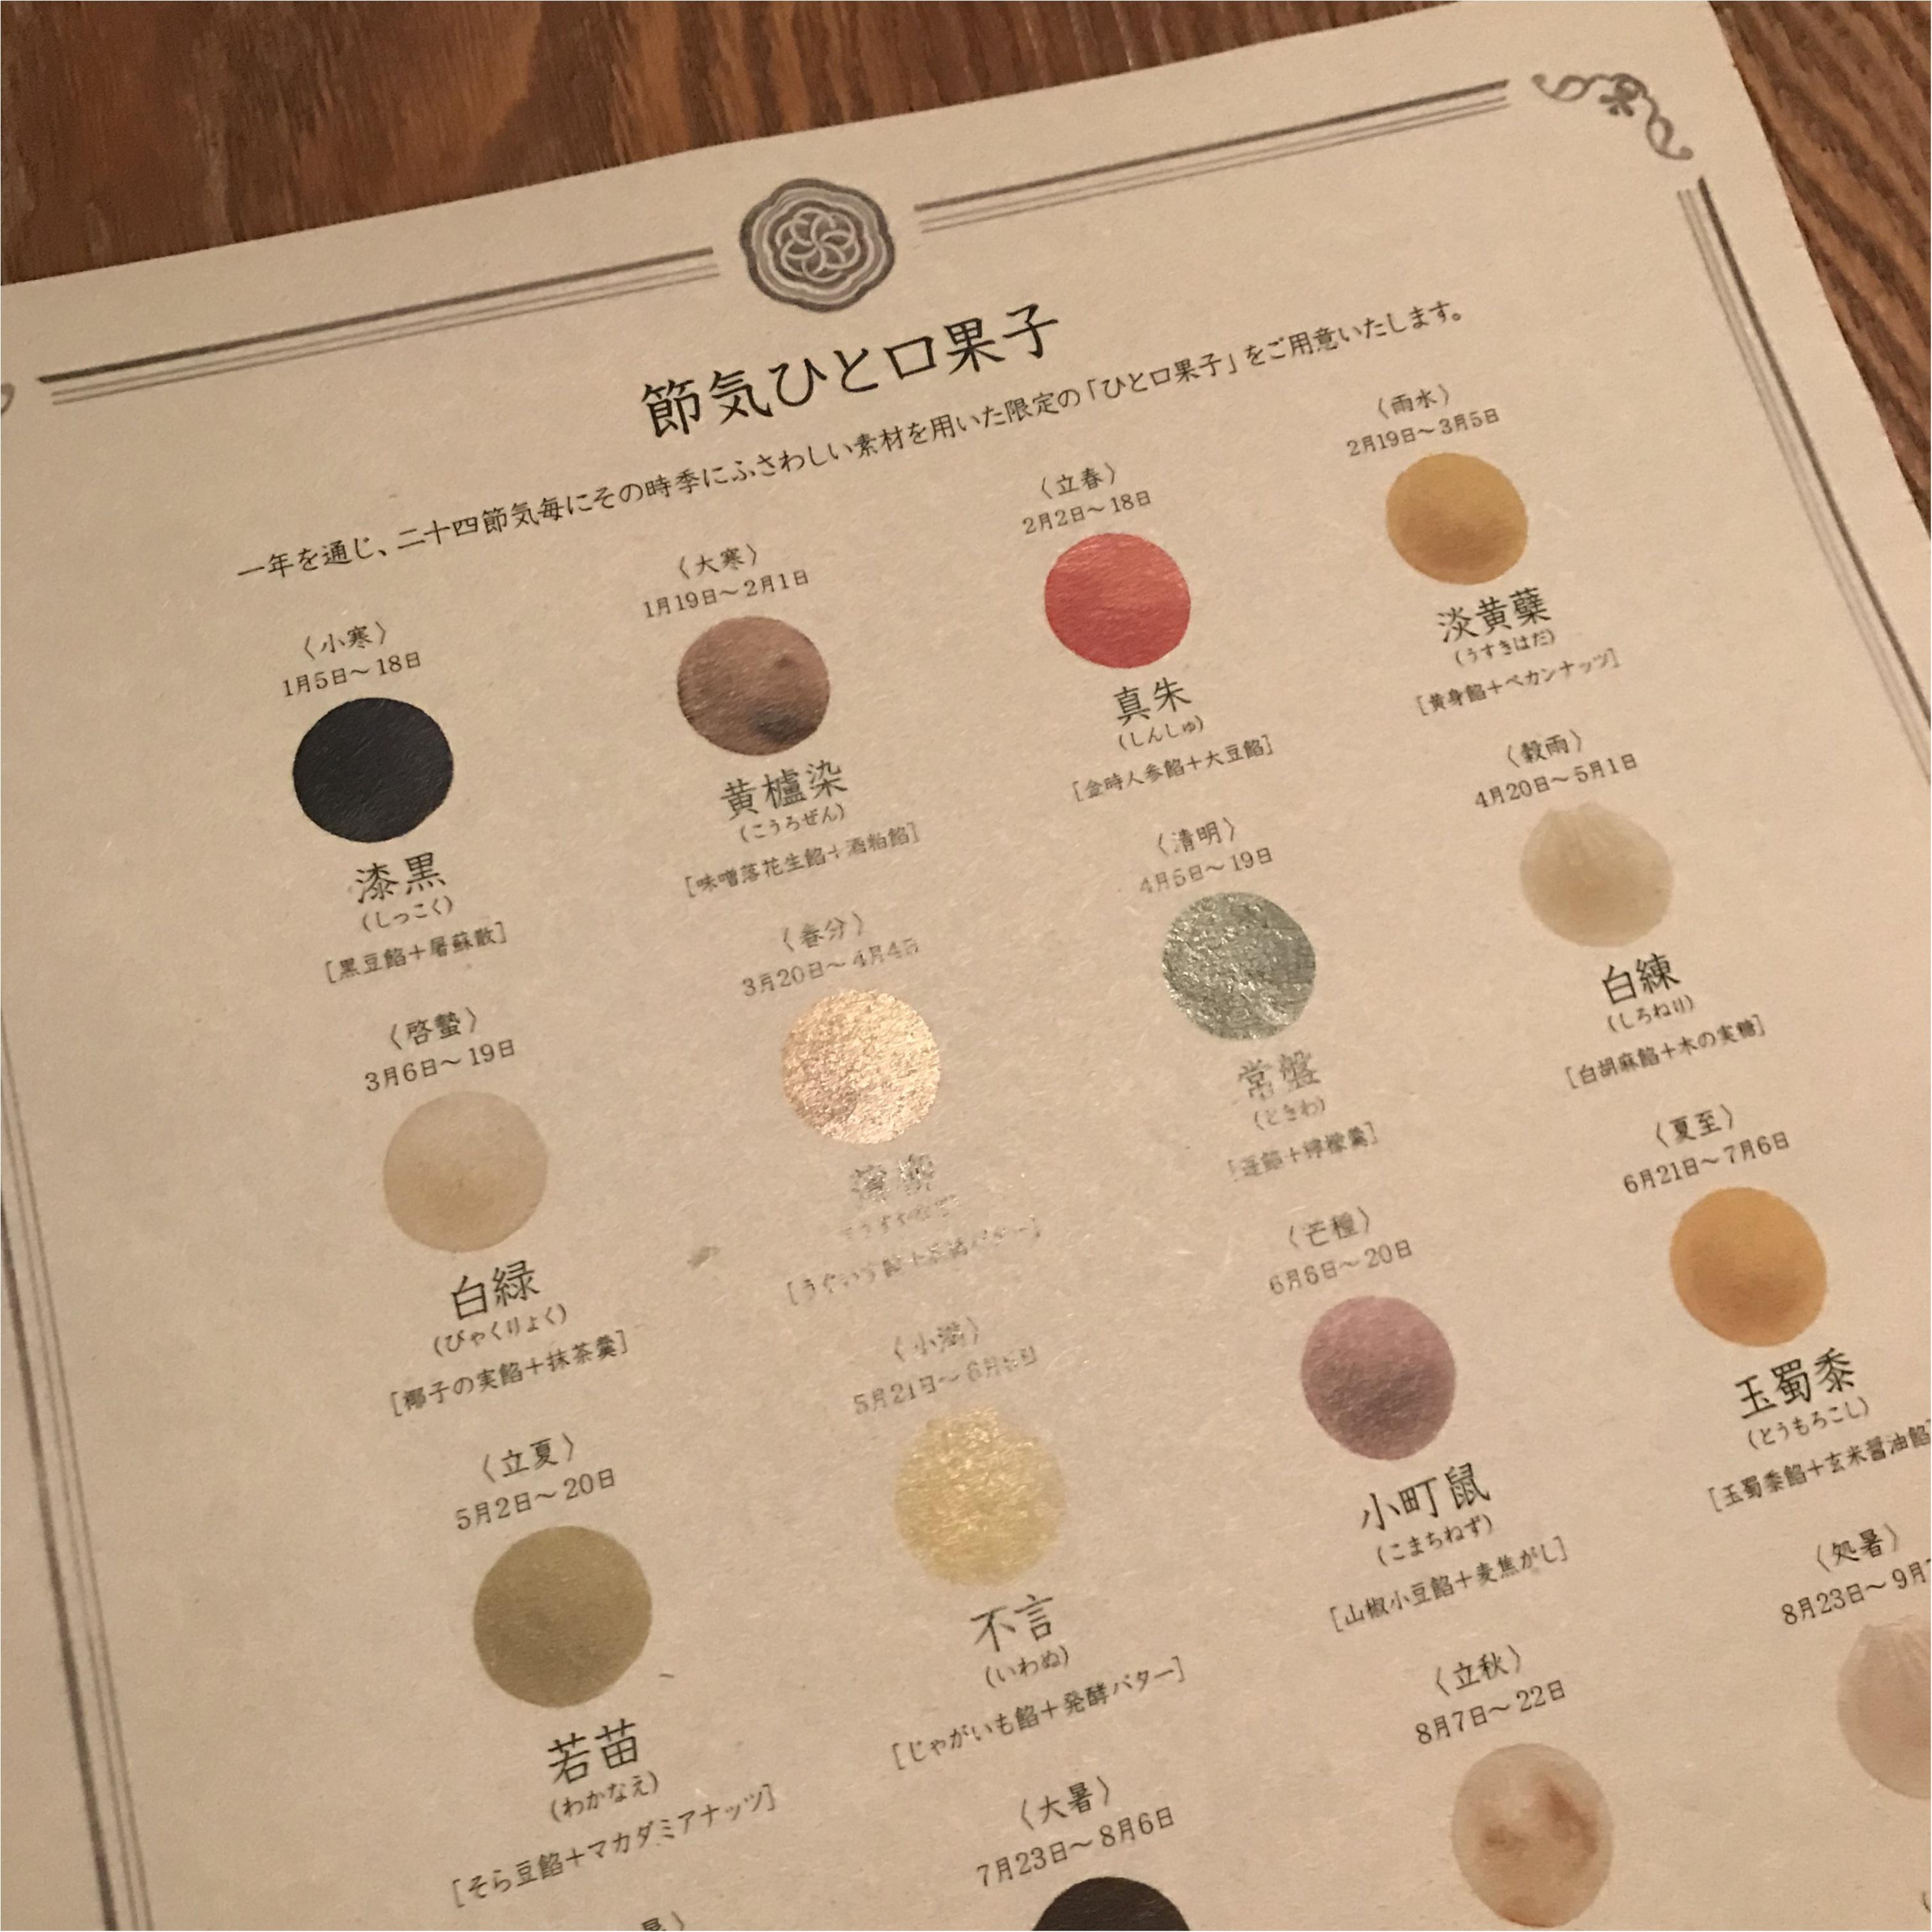 ギフトにも最適の素敵和菓子♡ 『HIGASHIYA GINZA』の新商品お披露目会レポ_6